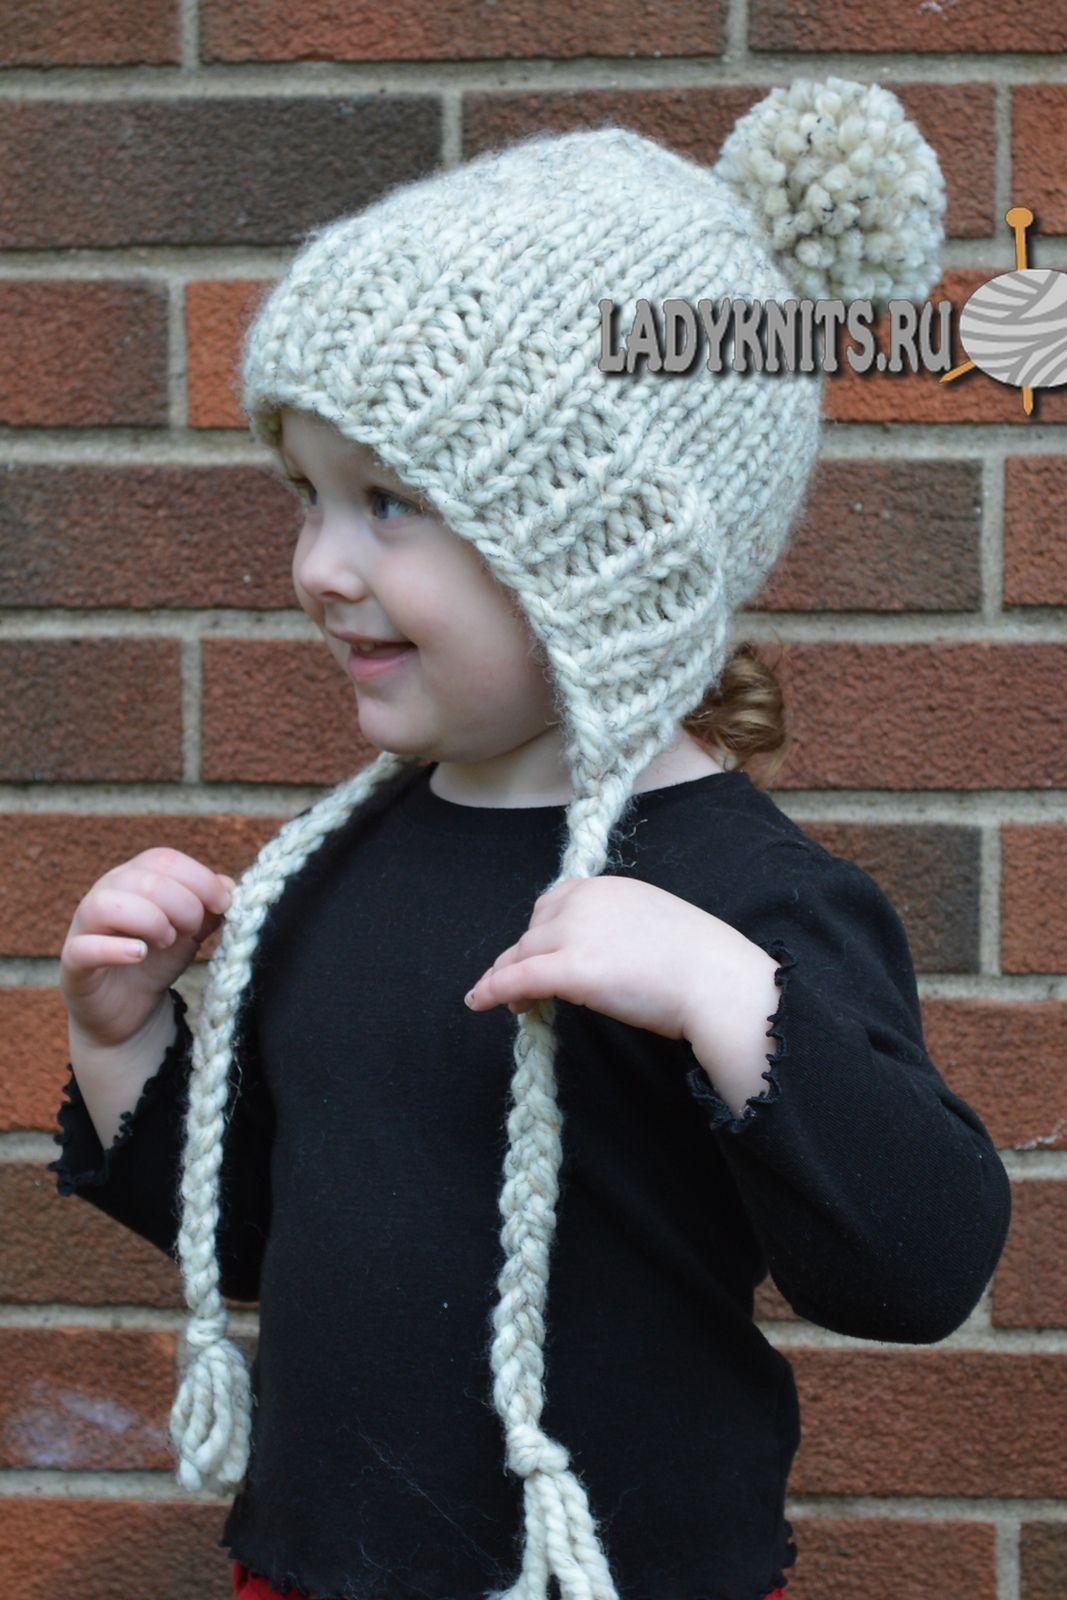 вязаная спицами теплая детская шапочка с завязками вязание